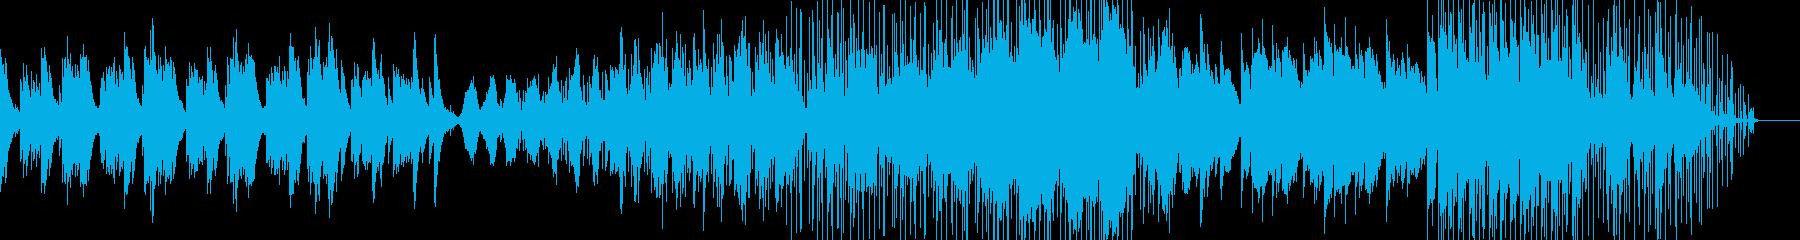 ラウンジ系音楽ー平穏の再生済みの波形